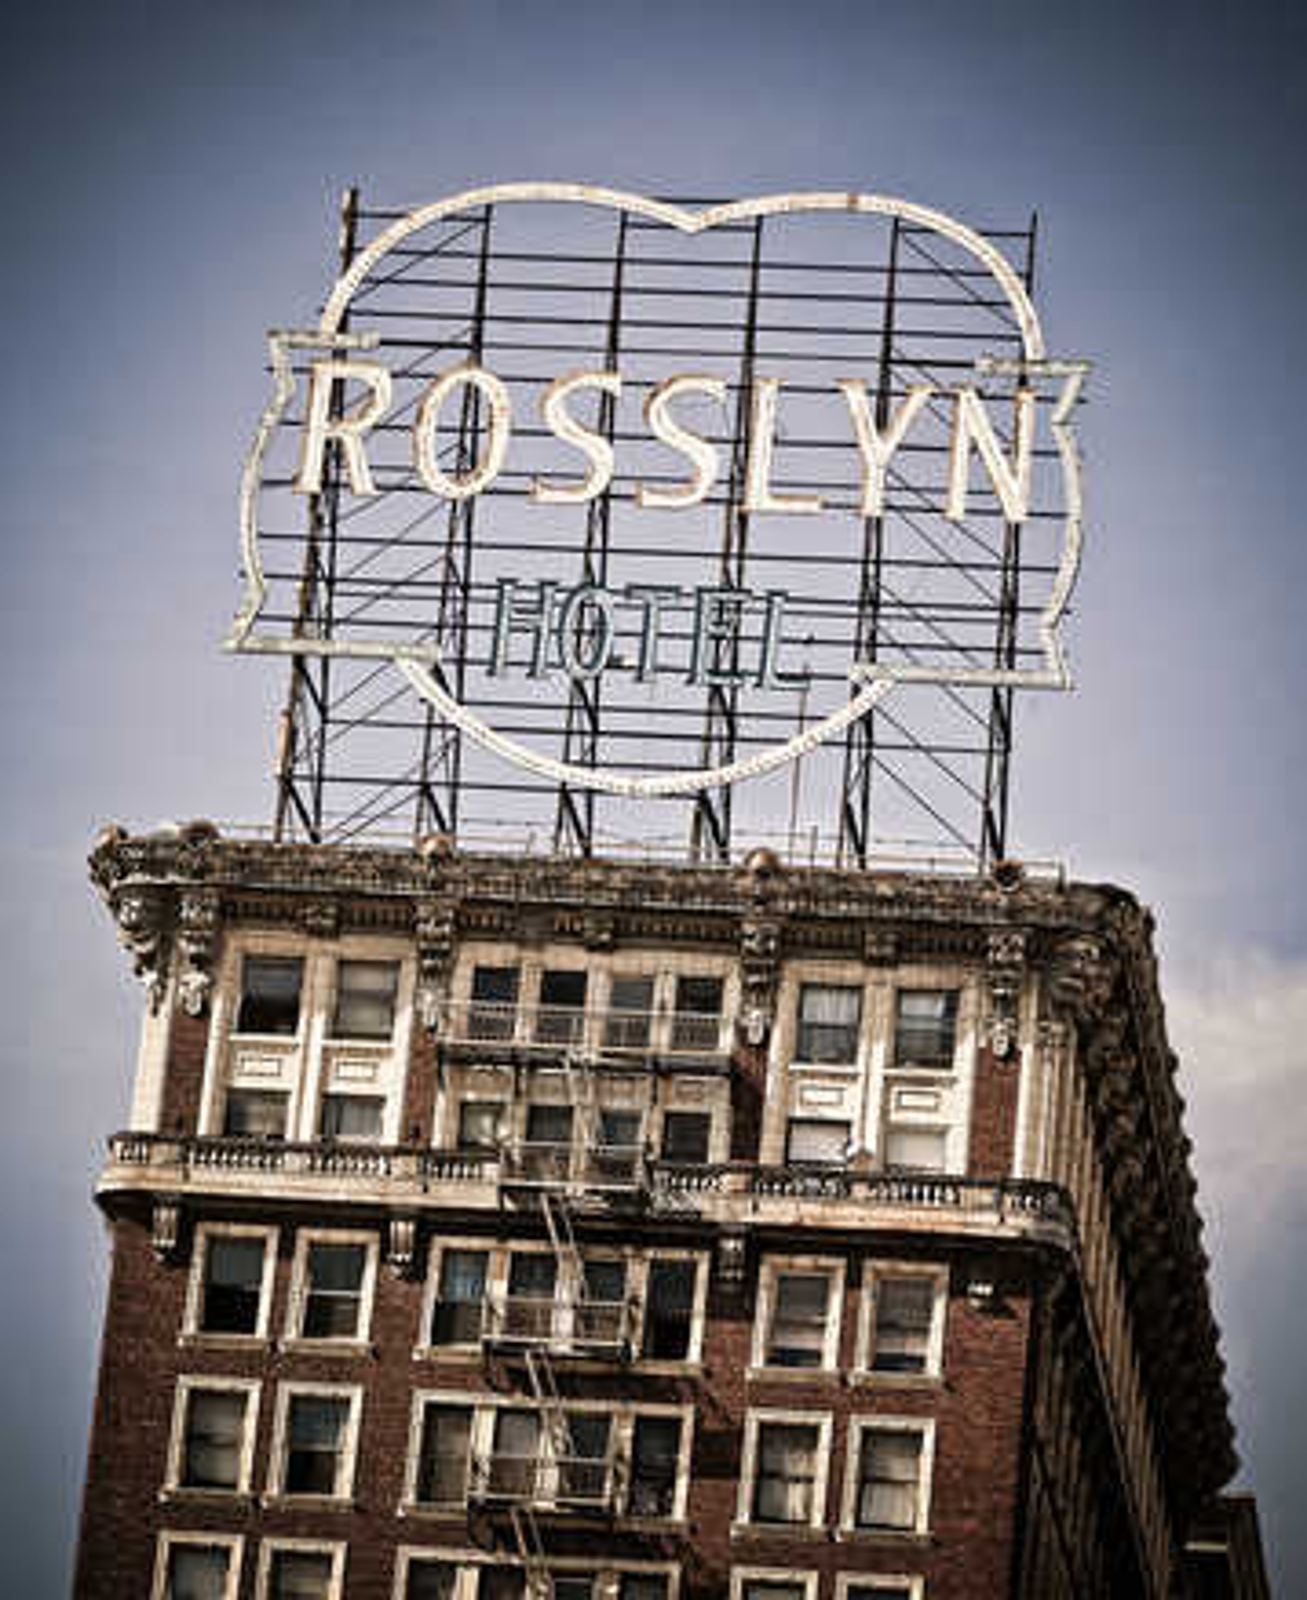 Rosslyn Hotel - Marc Shur